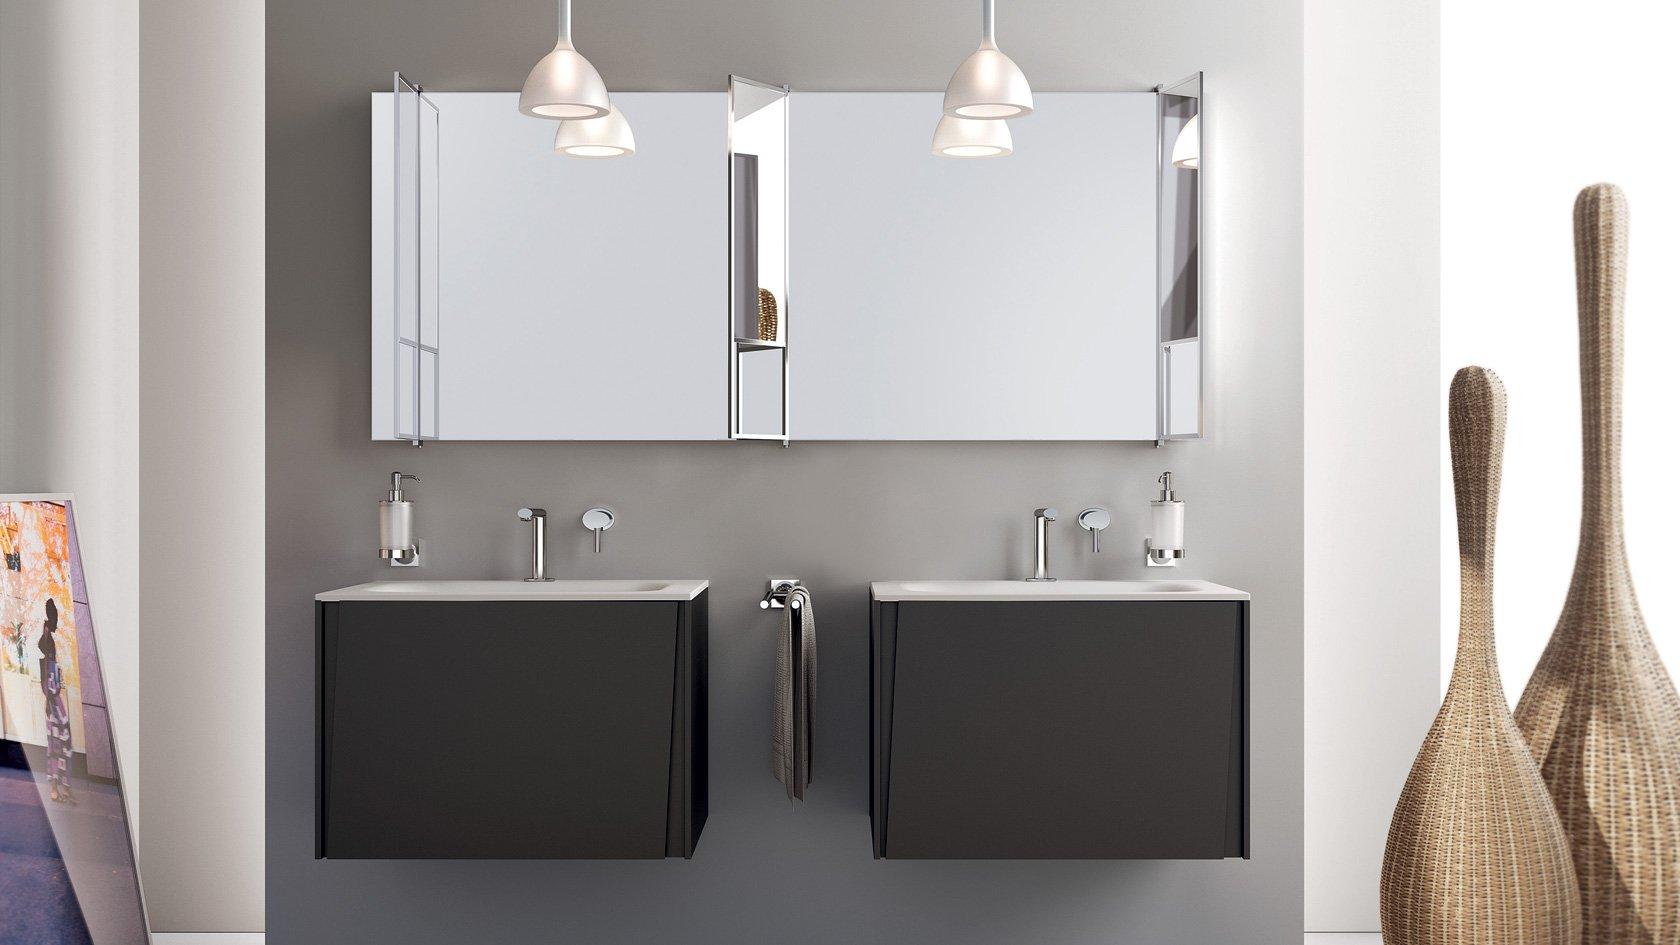 lavabi quadrati in un bagno